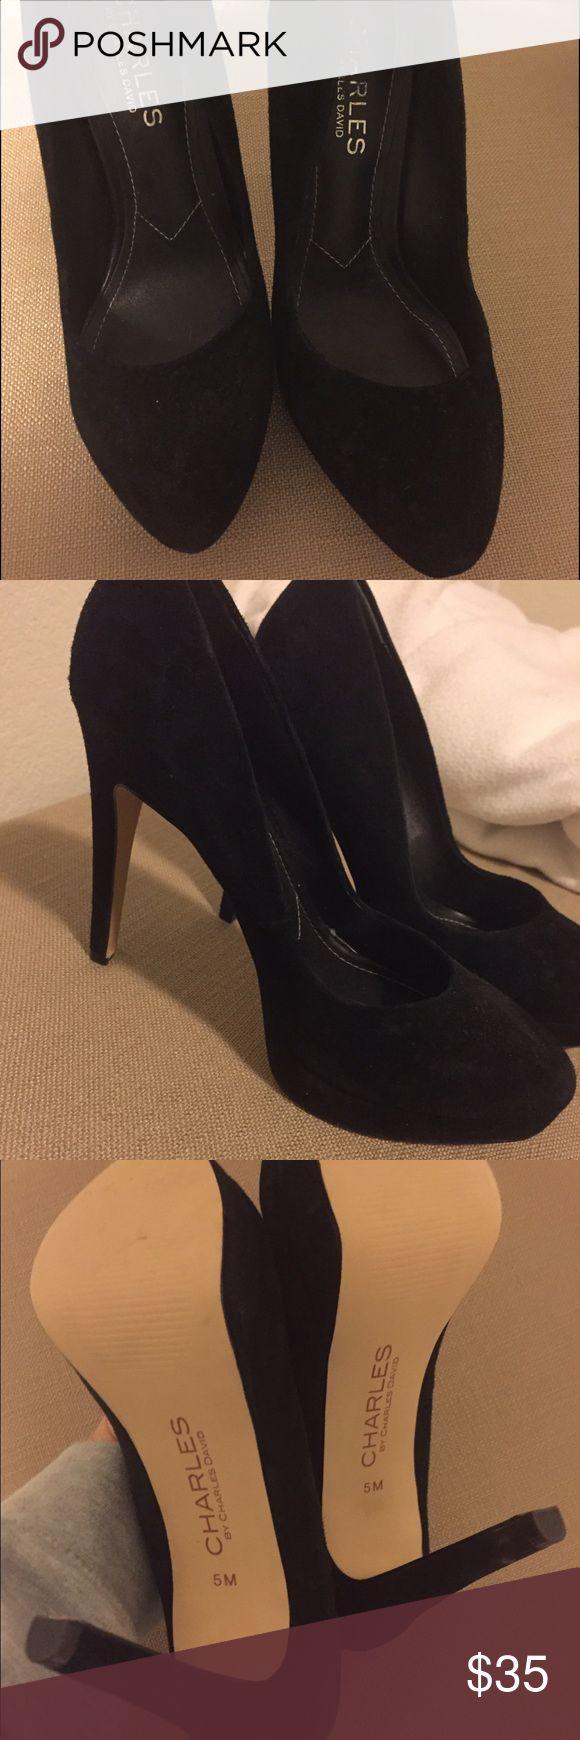 Black suede Charles David pumps Charles David black suede pumps size 5. Only worn once. Charles David Shoes Heels